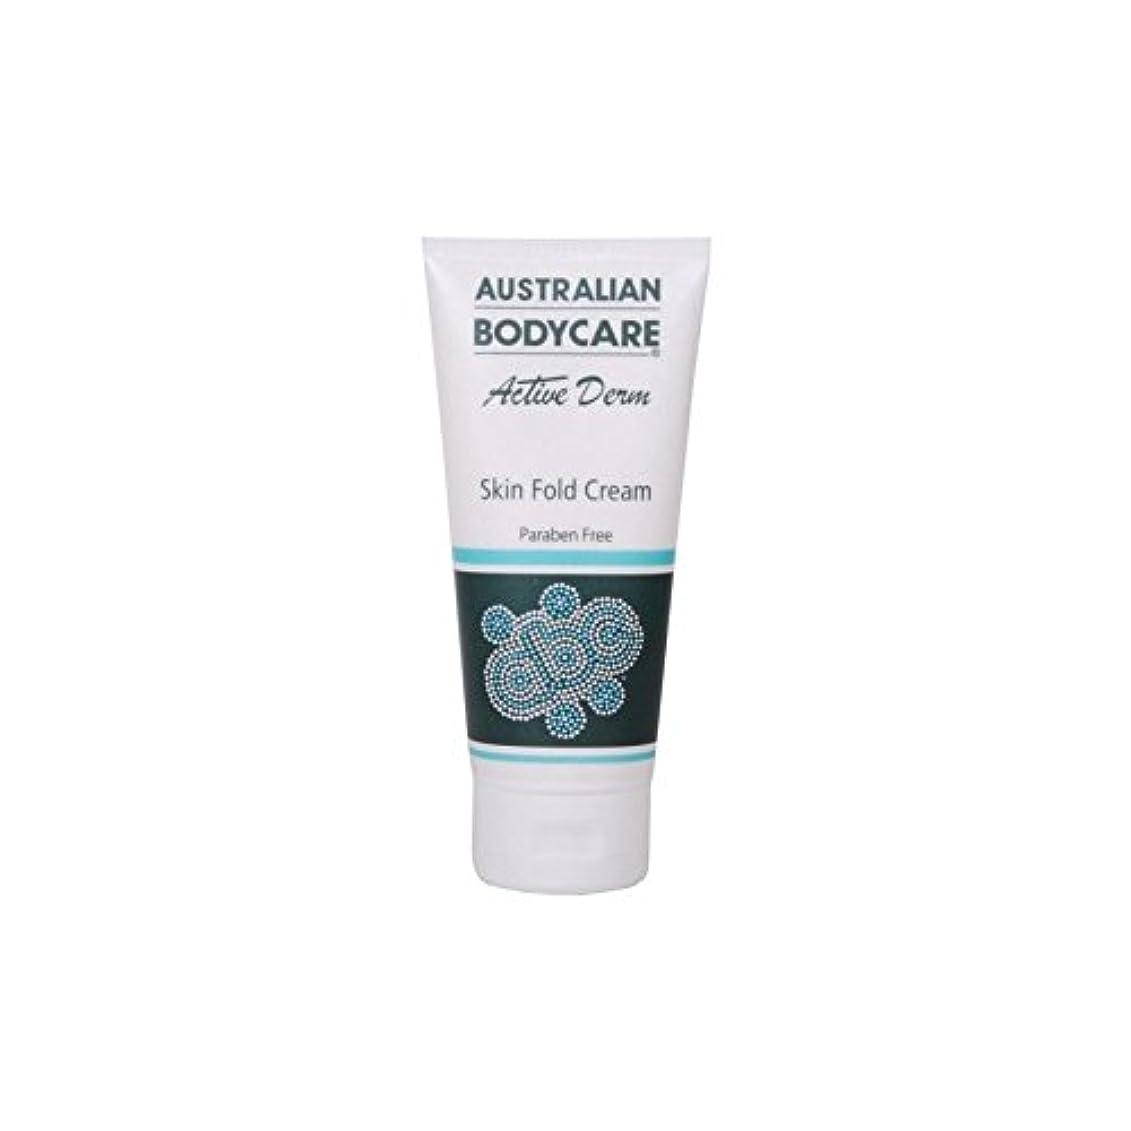 自動対応ボランティアオーストラリアのボディケアアクティブダーム皮膚のひだクリーム(100ミリリットル) x4 - Australian Bodycare Active Derm Skin Fold Cream (100ml) (Pack of 4) [並行輸入品]